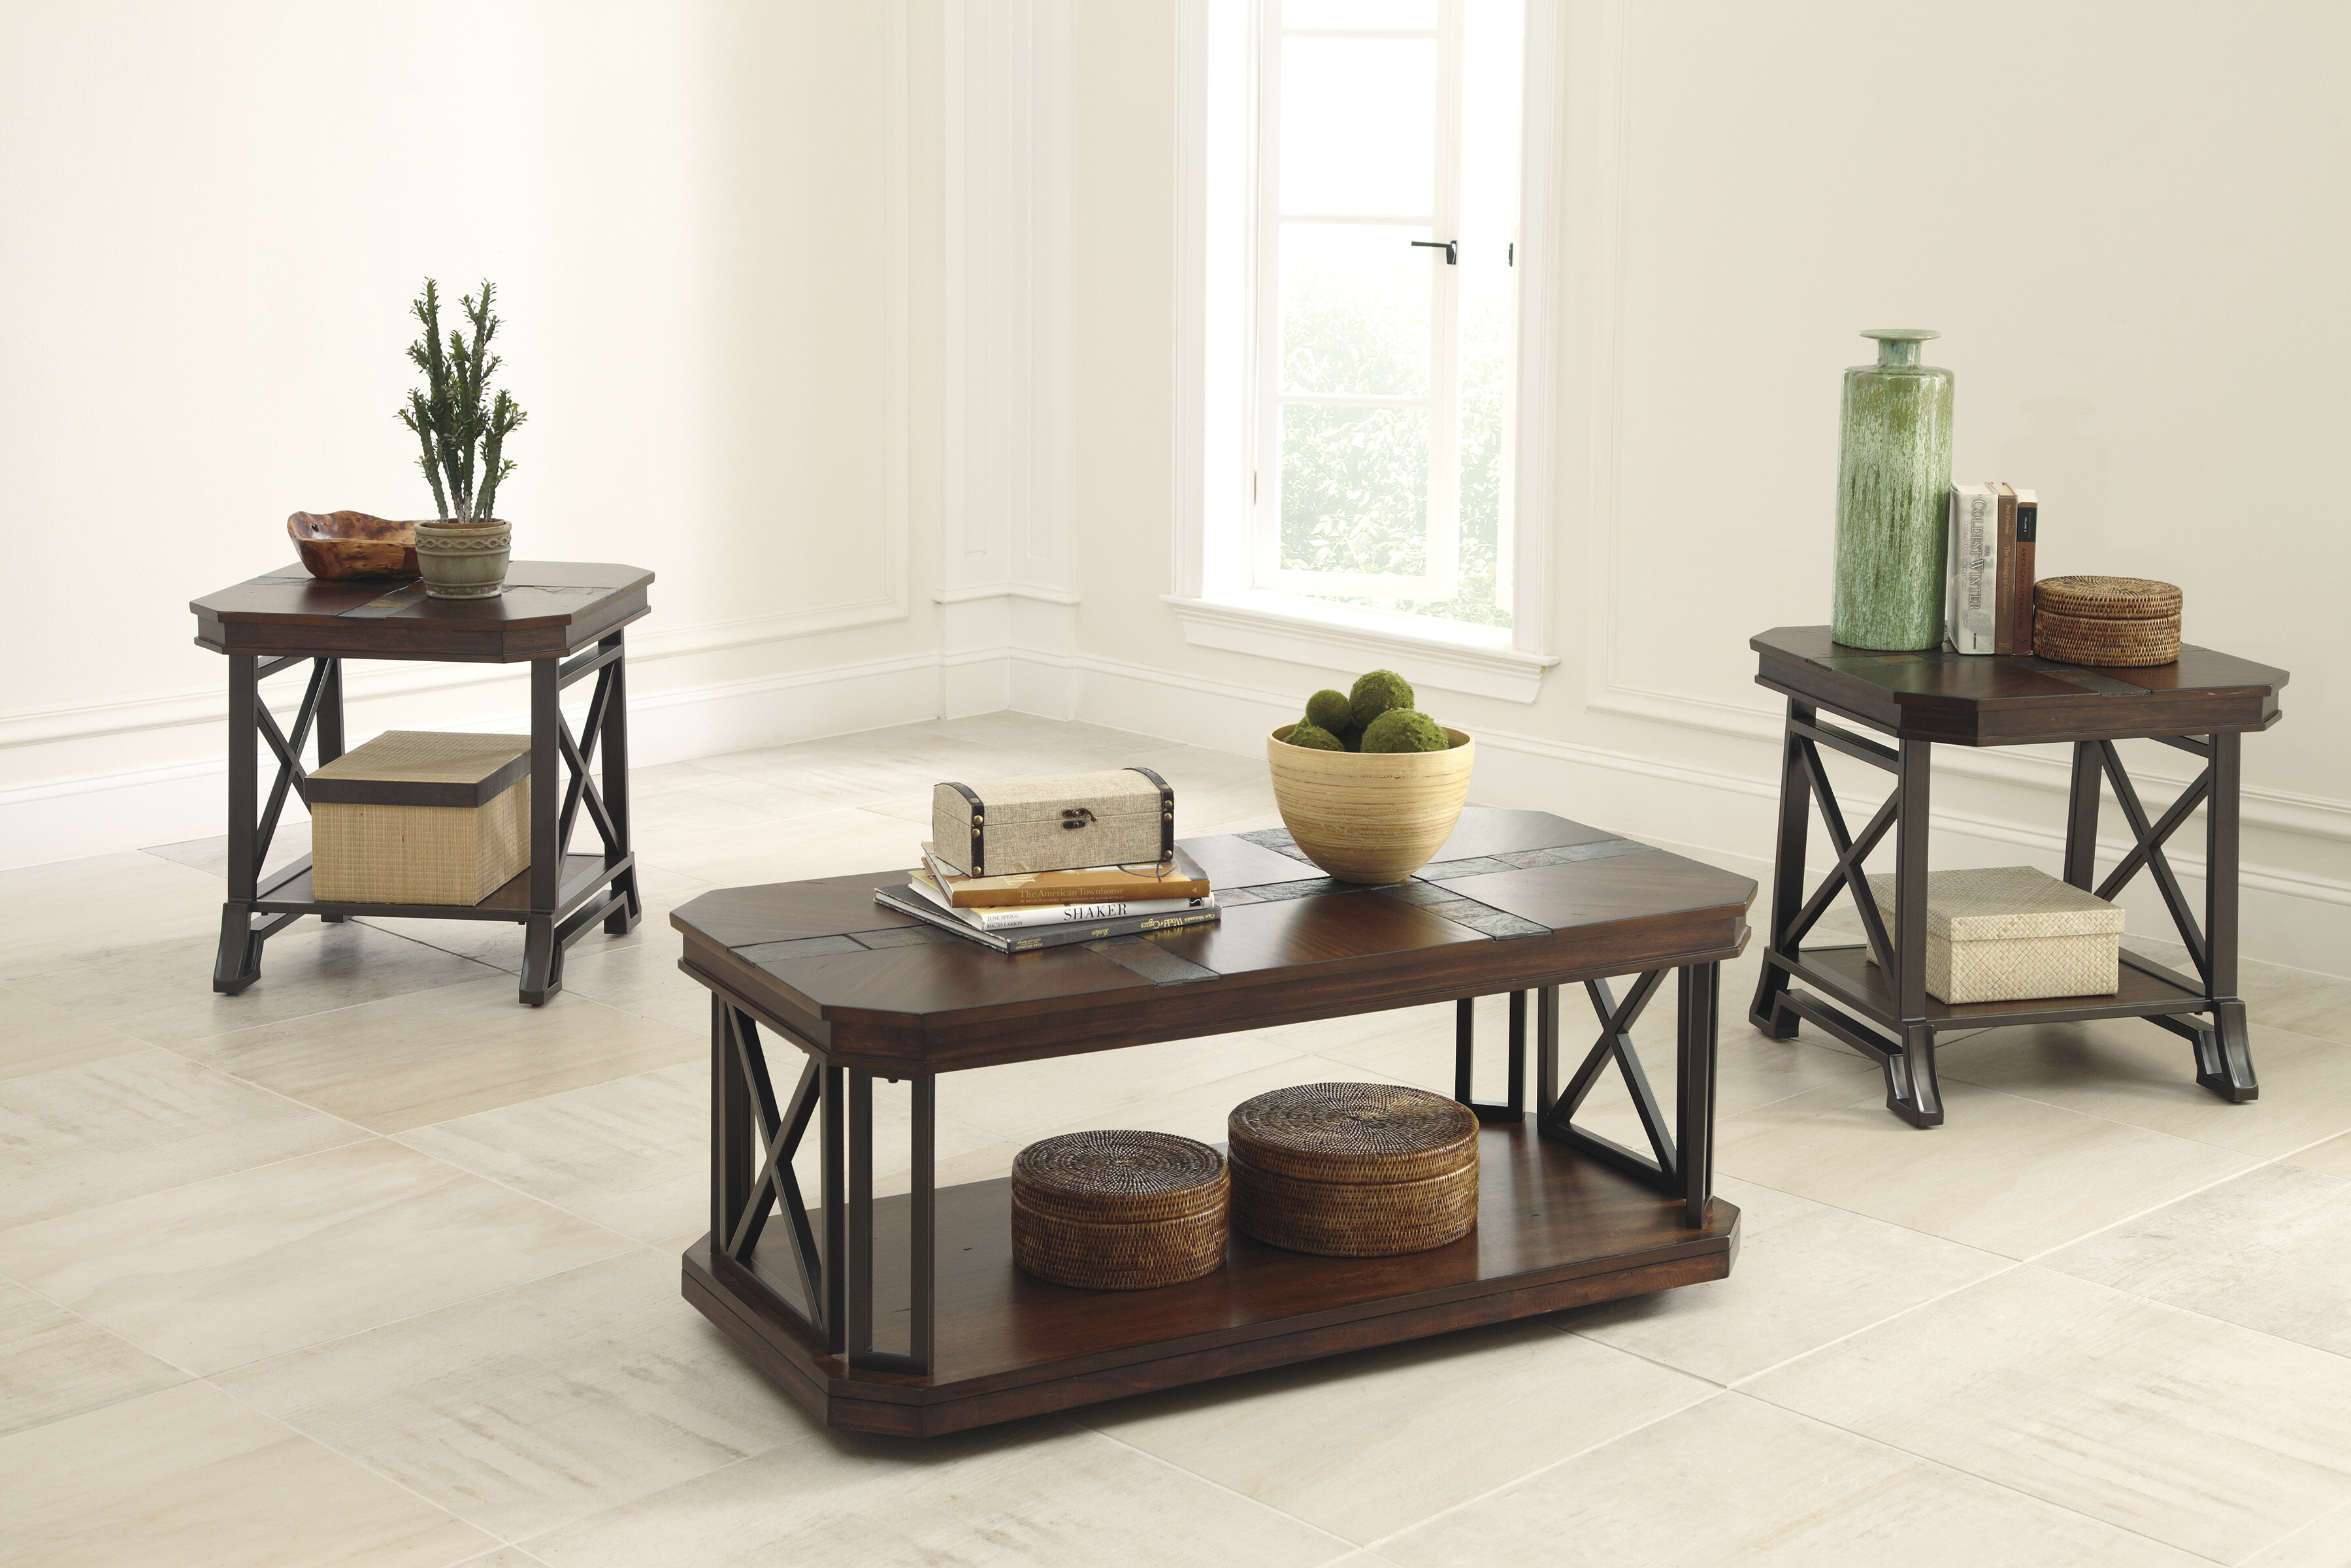 Loon Peak Antlers 3 Piece Coffee Table Set & Reviews   Wayfair